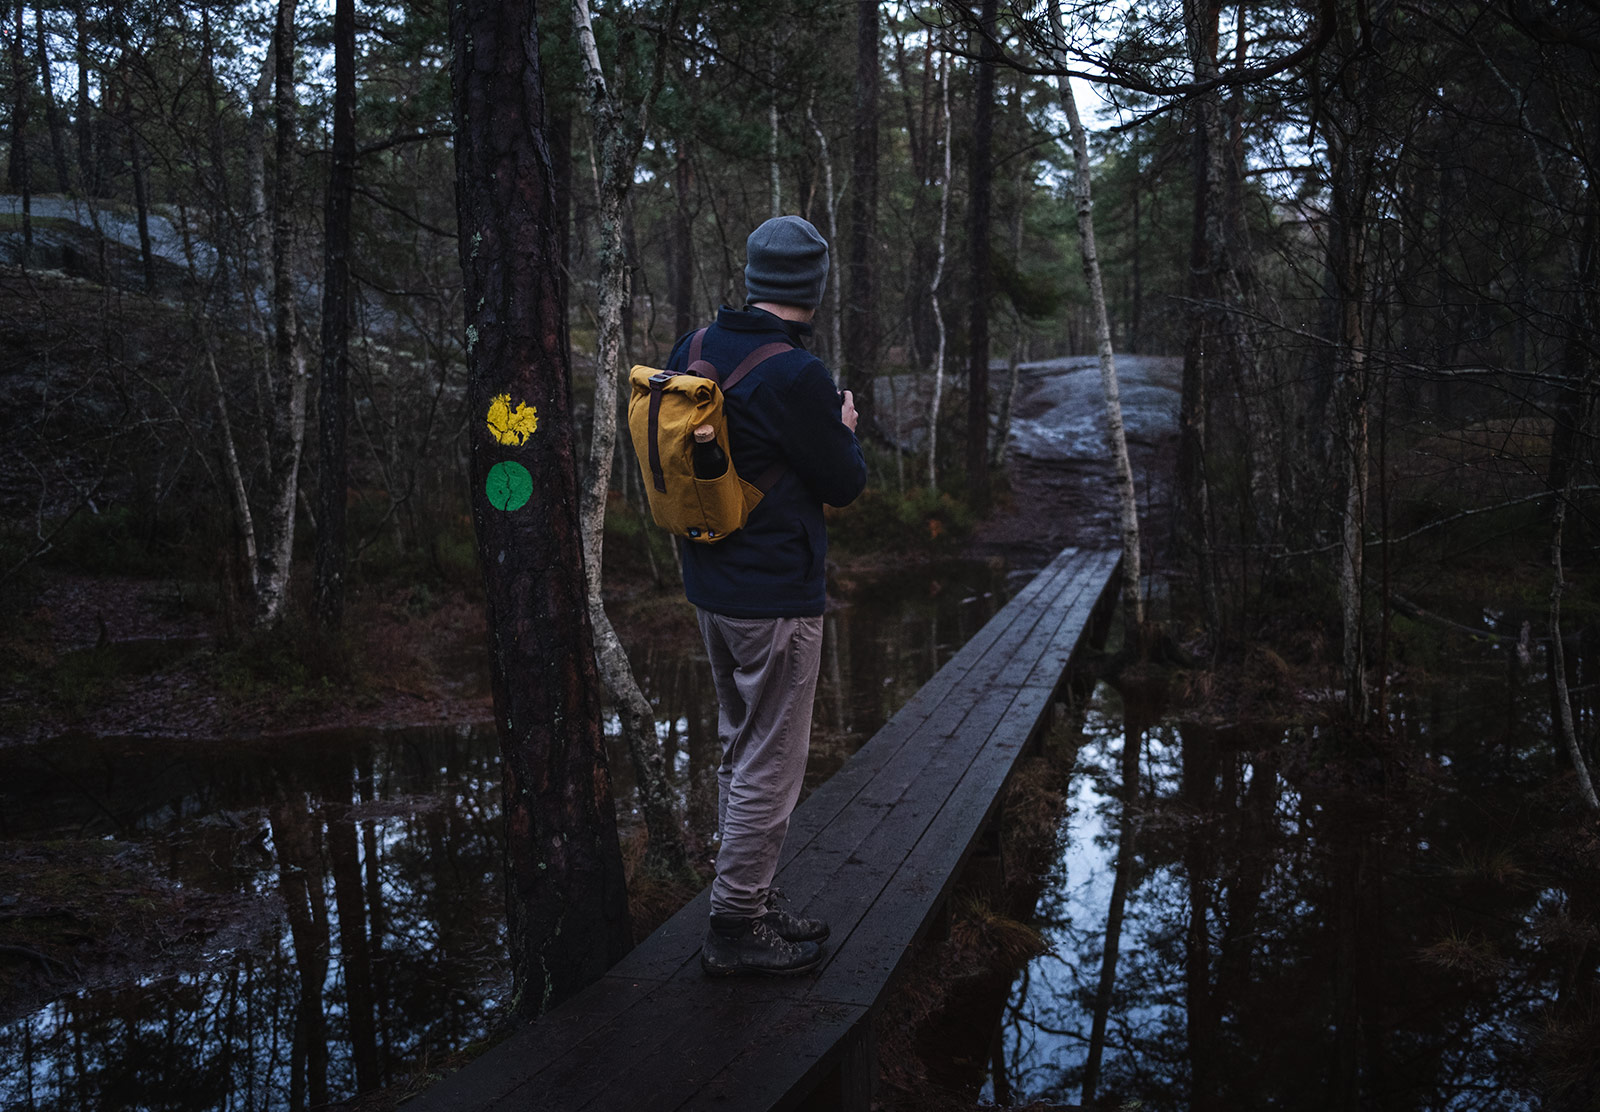 Man walking on wooden boards